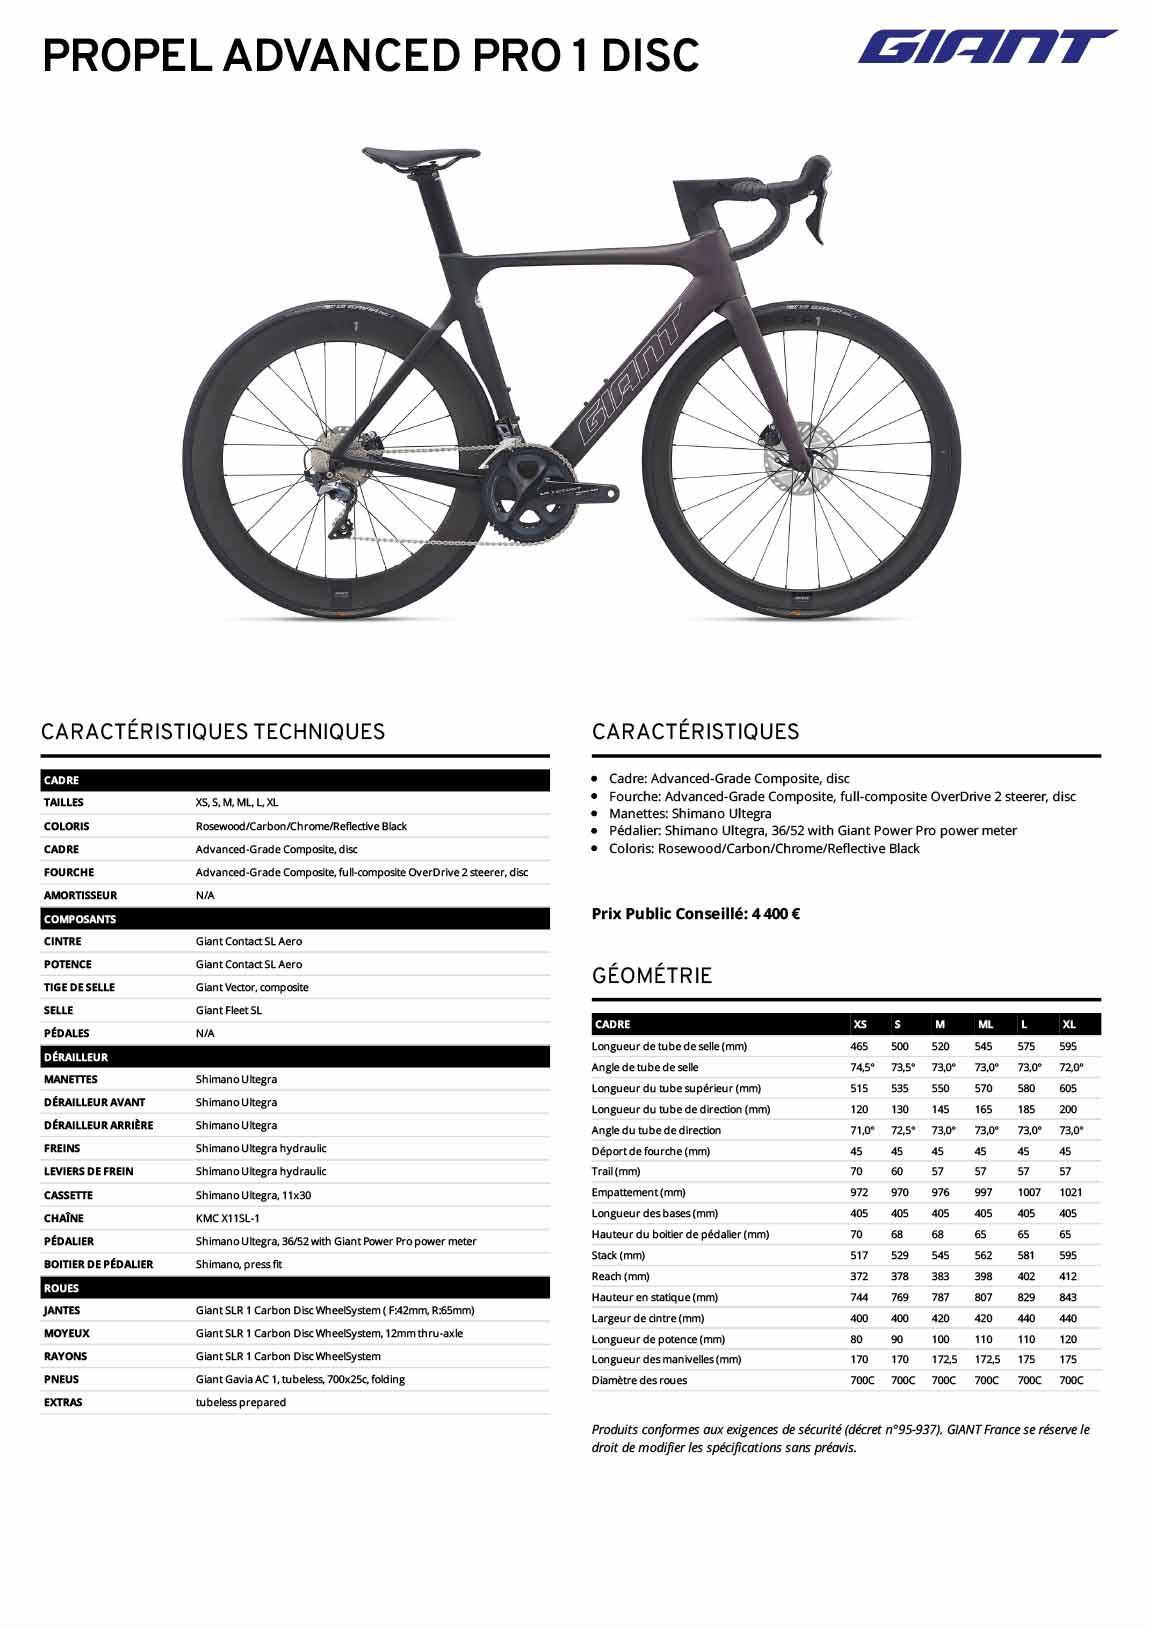 Fiche technique vélo Giant Propel Advanced Pro 1 Disc 2021